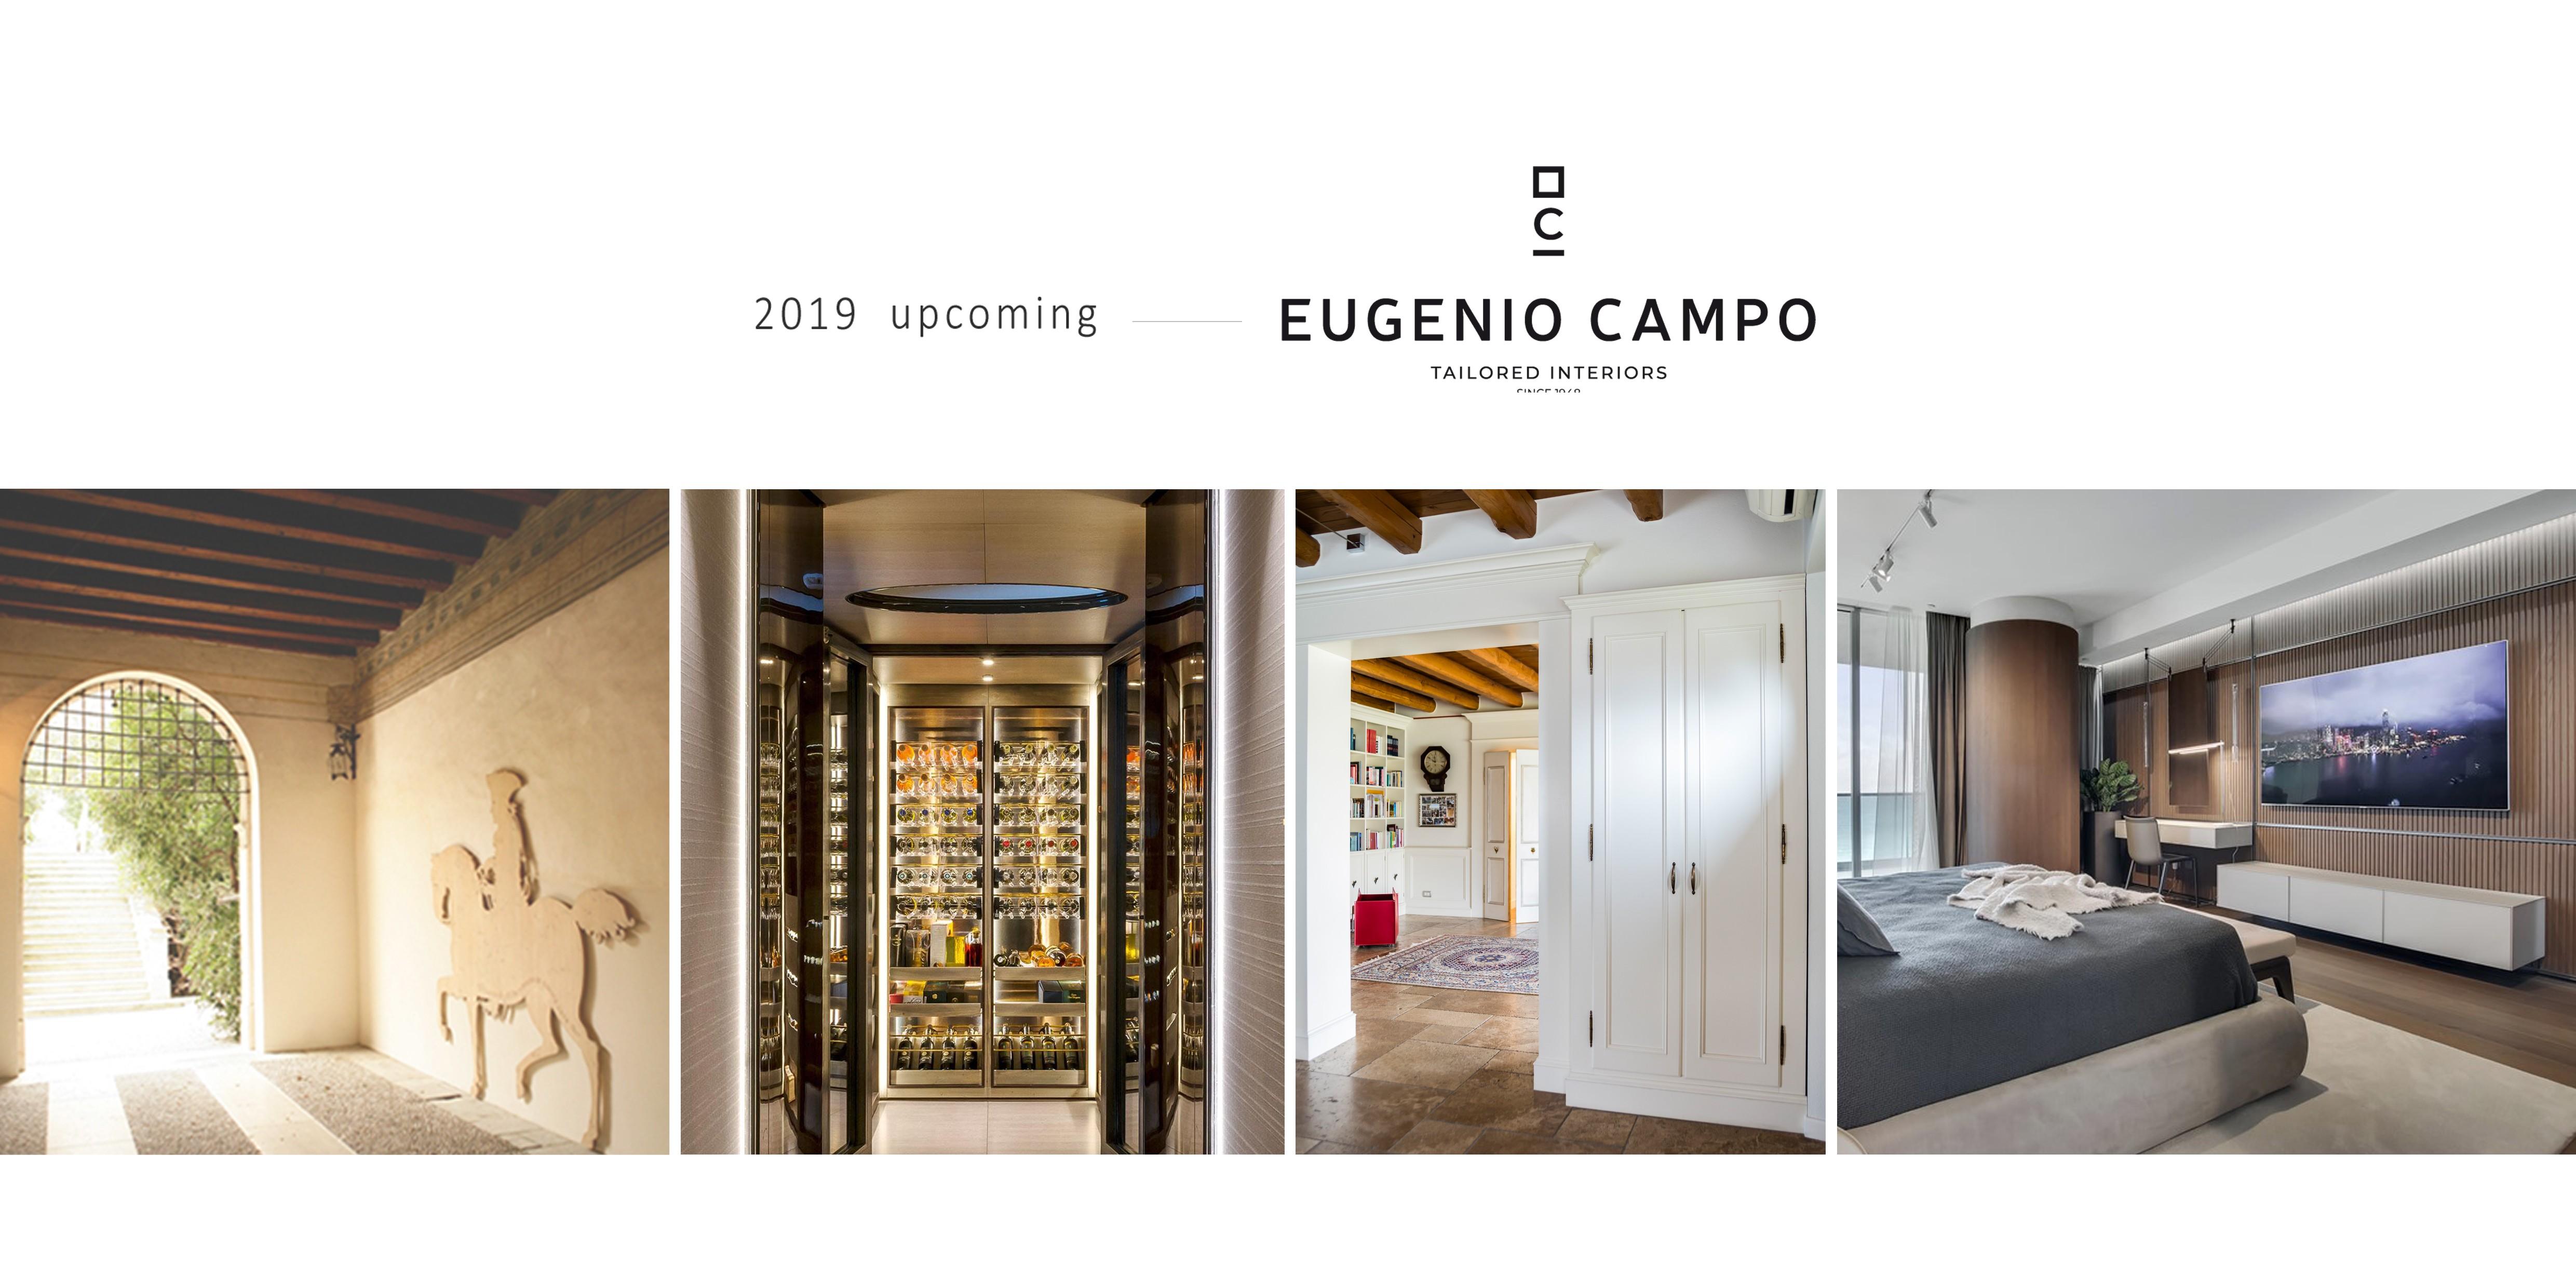 Offerte Lavoro Architetto Treviso eugenio campo tailored interiors | linkedin